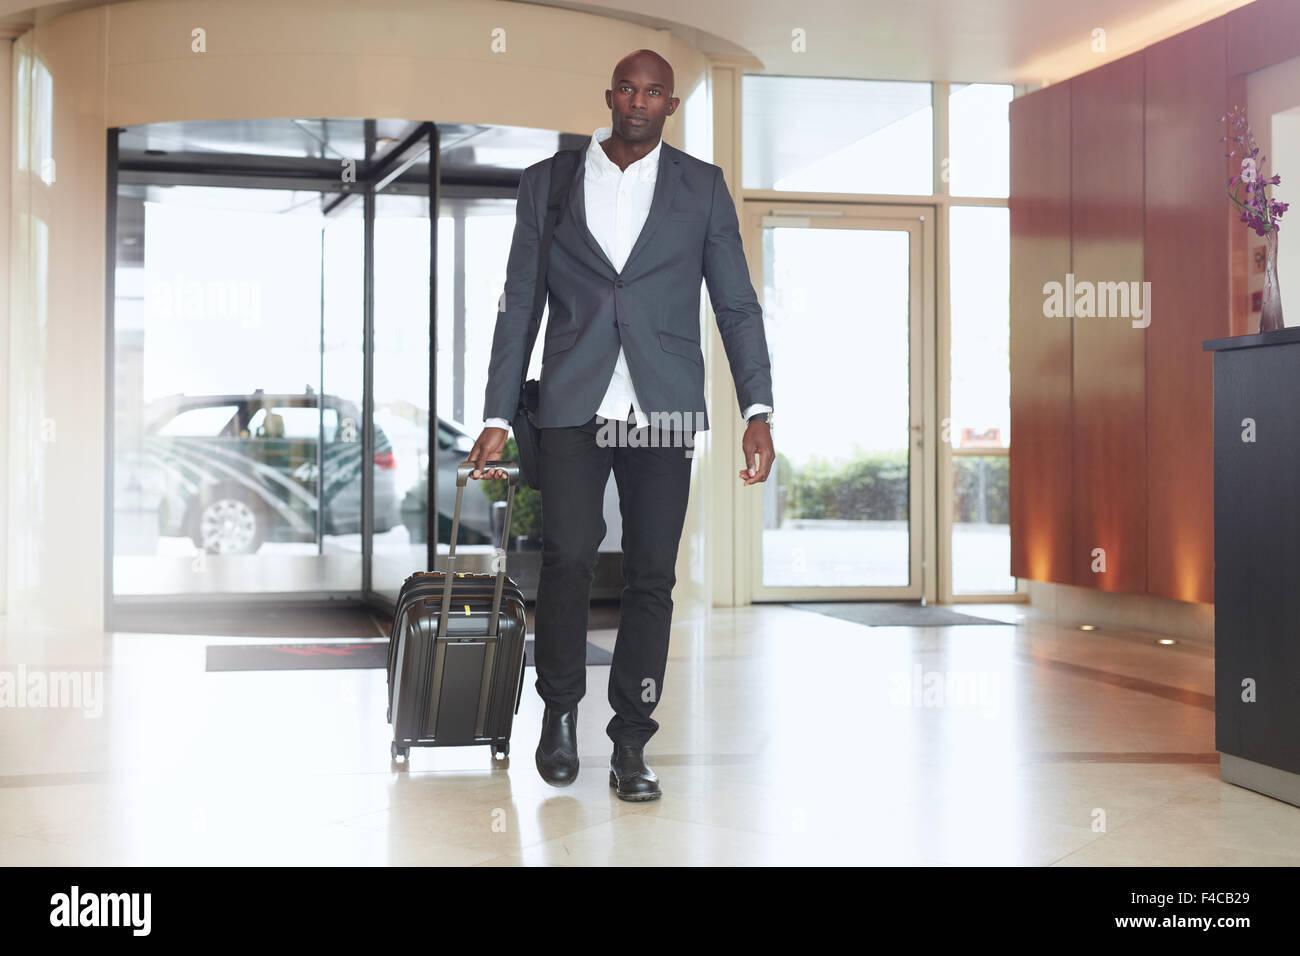 Businessman walking dans le lobby de l'hôtel. Portrait de jeunes cadres africains avec une valise. Photo Stock